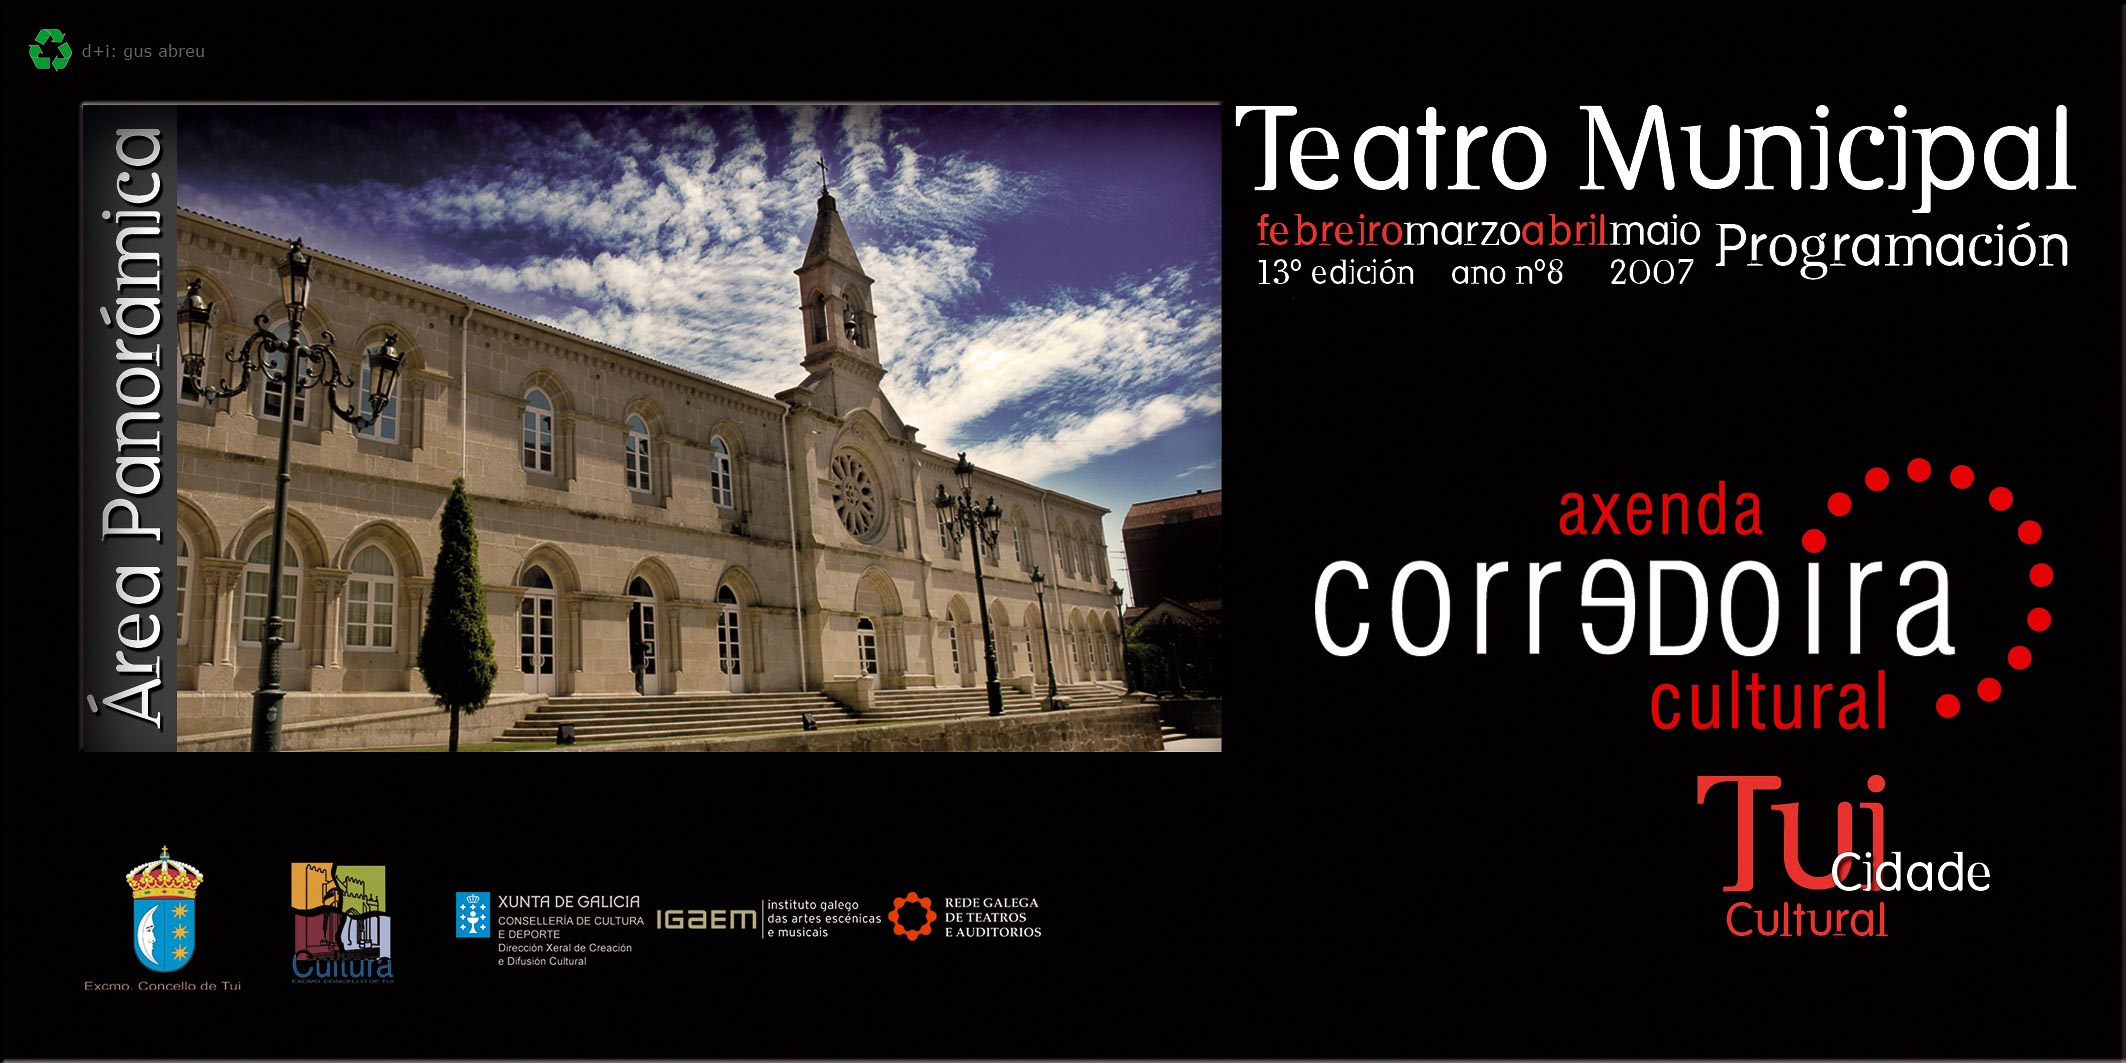 concello-de-tui-2007 1º portada teatro